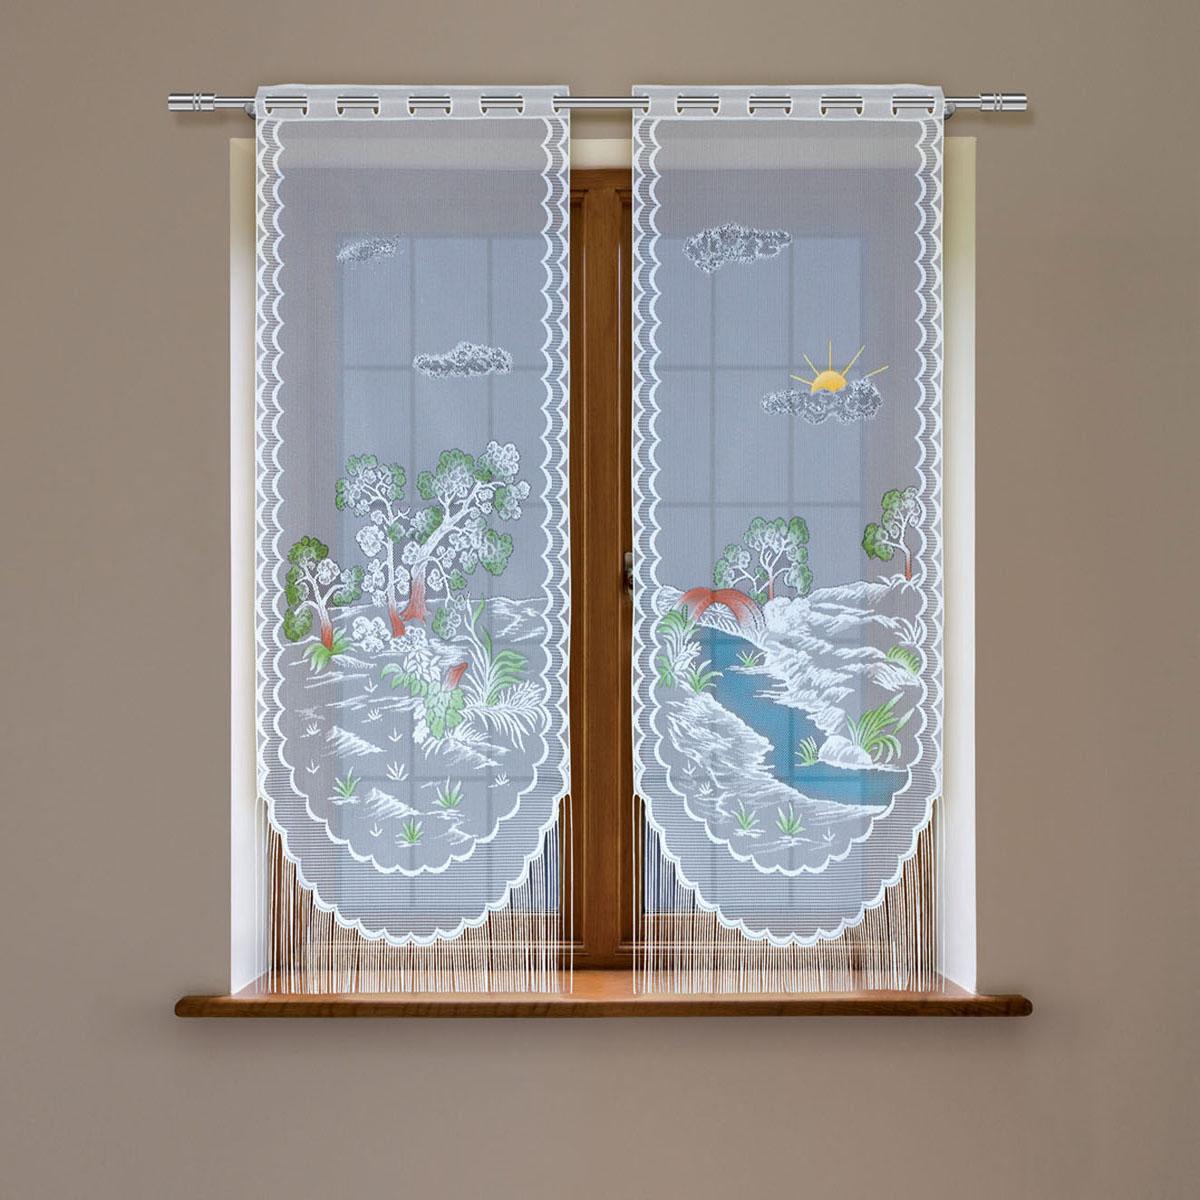 Гардина Haft, цвет: белый, высота 220 см2302Е/60Гардина имеет в верхней части полотна прорези, через которые гардина-витраж вывешивается на карниз или можно крепить на зажим для штор,котрый в комплект не входит.Комплект состоит из двух полотен (выс.220* шир.60) Размеры: (высота 220* ширина 60)*2